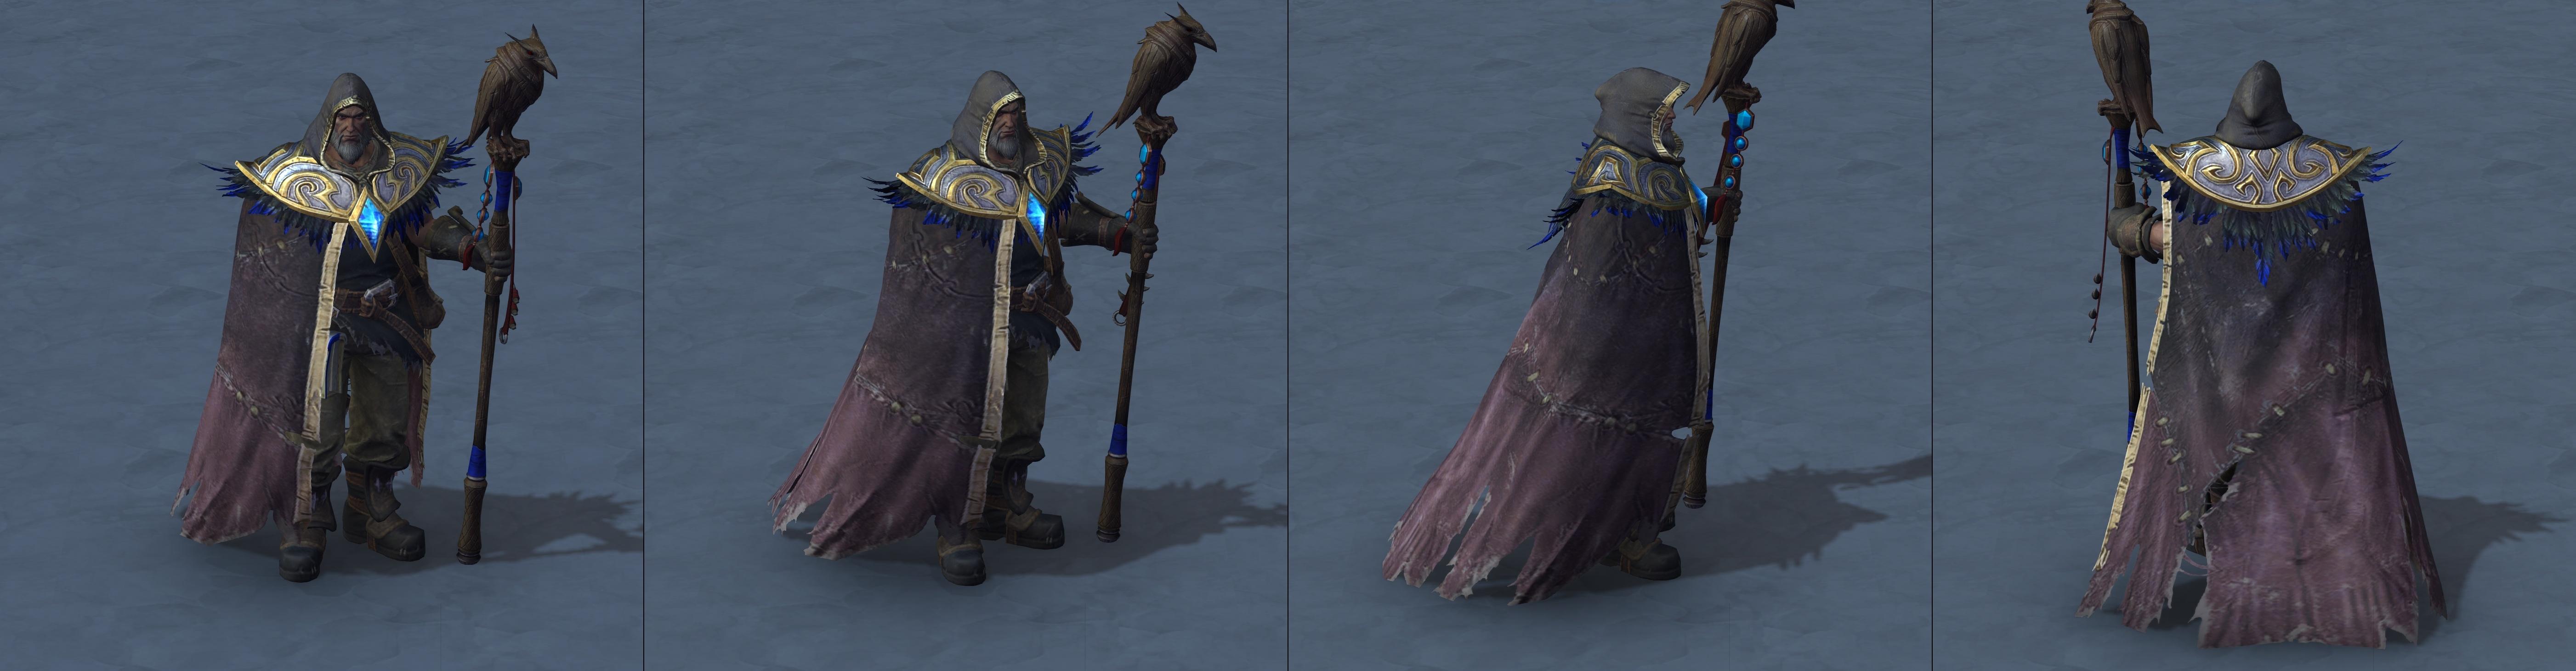 Утечка: озвучка и модели Сильваны, Артаса, Джайны и других персонажей Wacraft III: Reforged 14